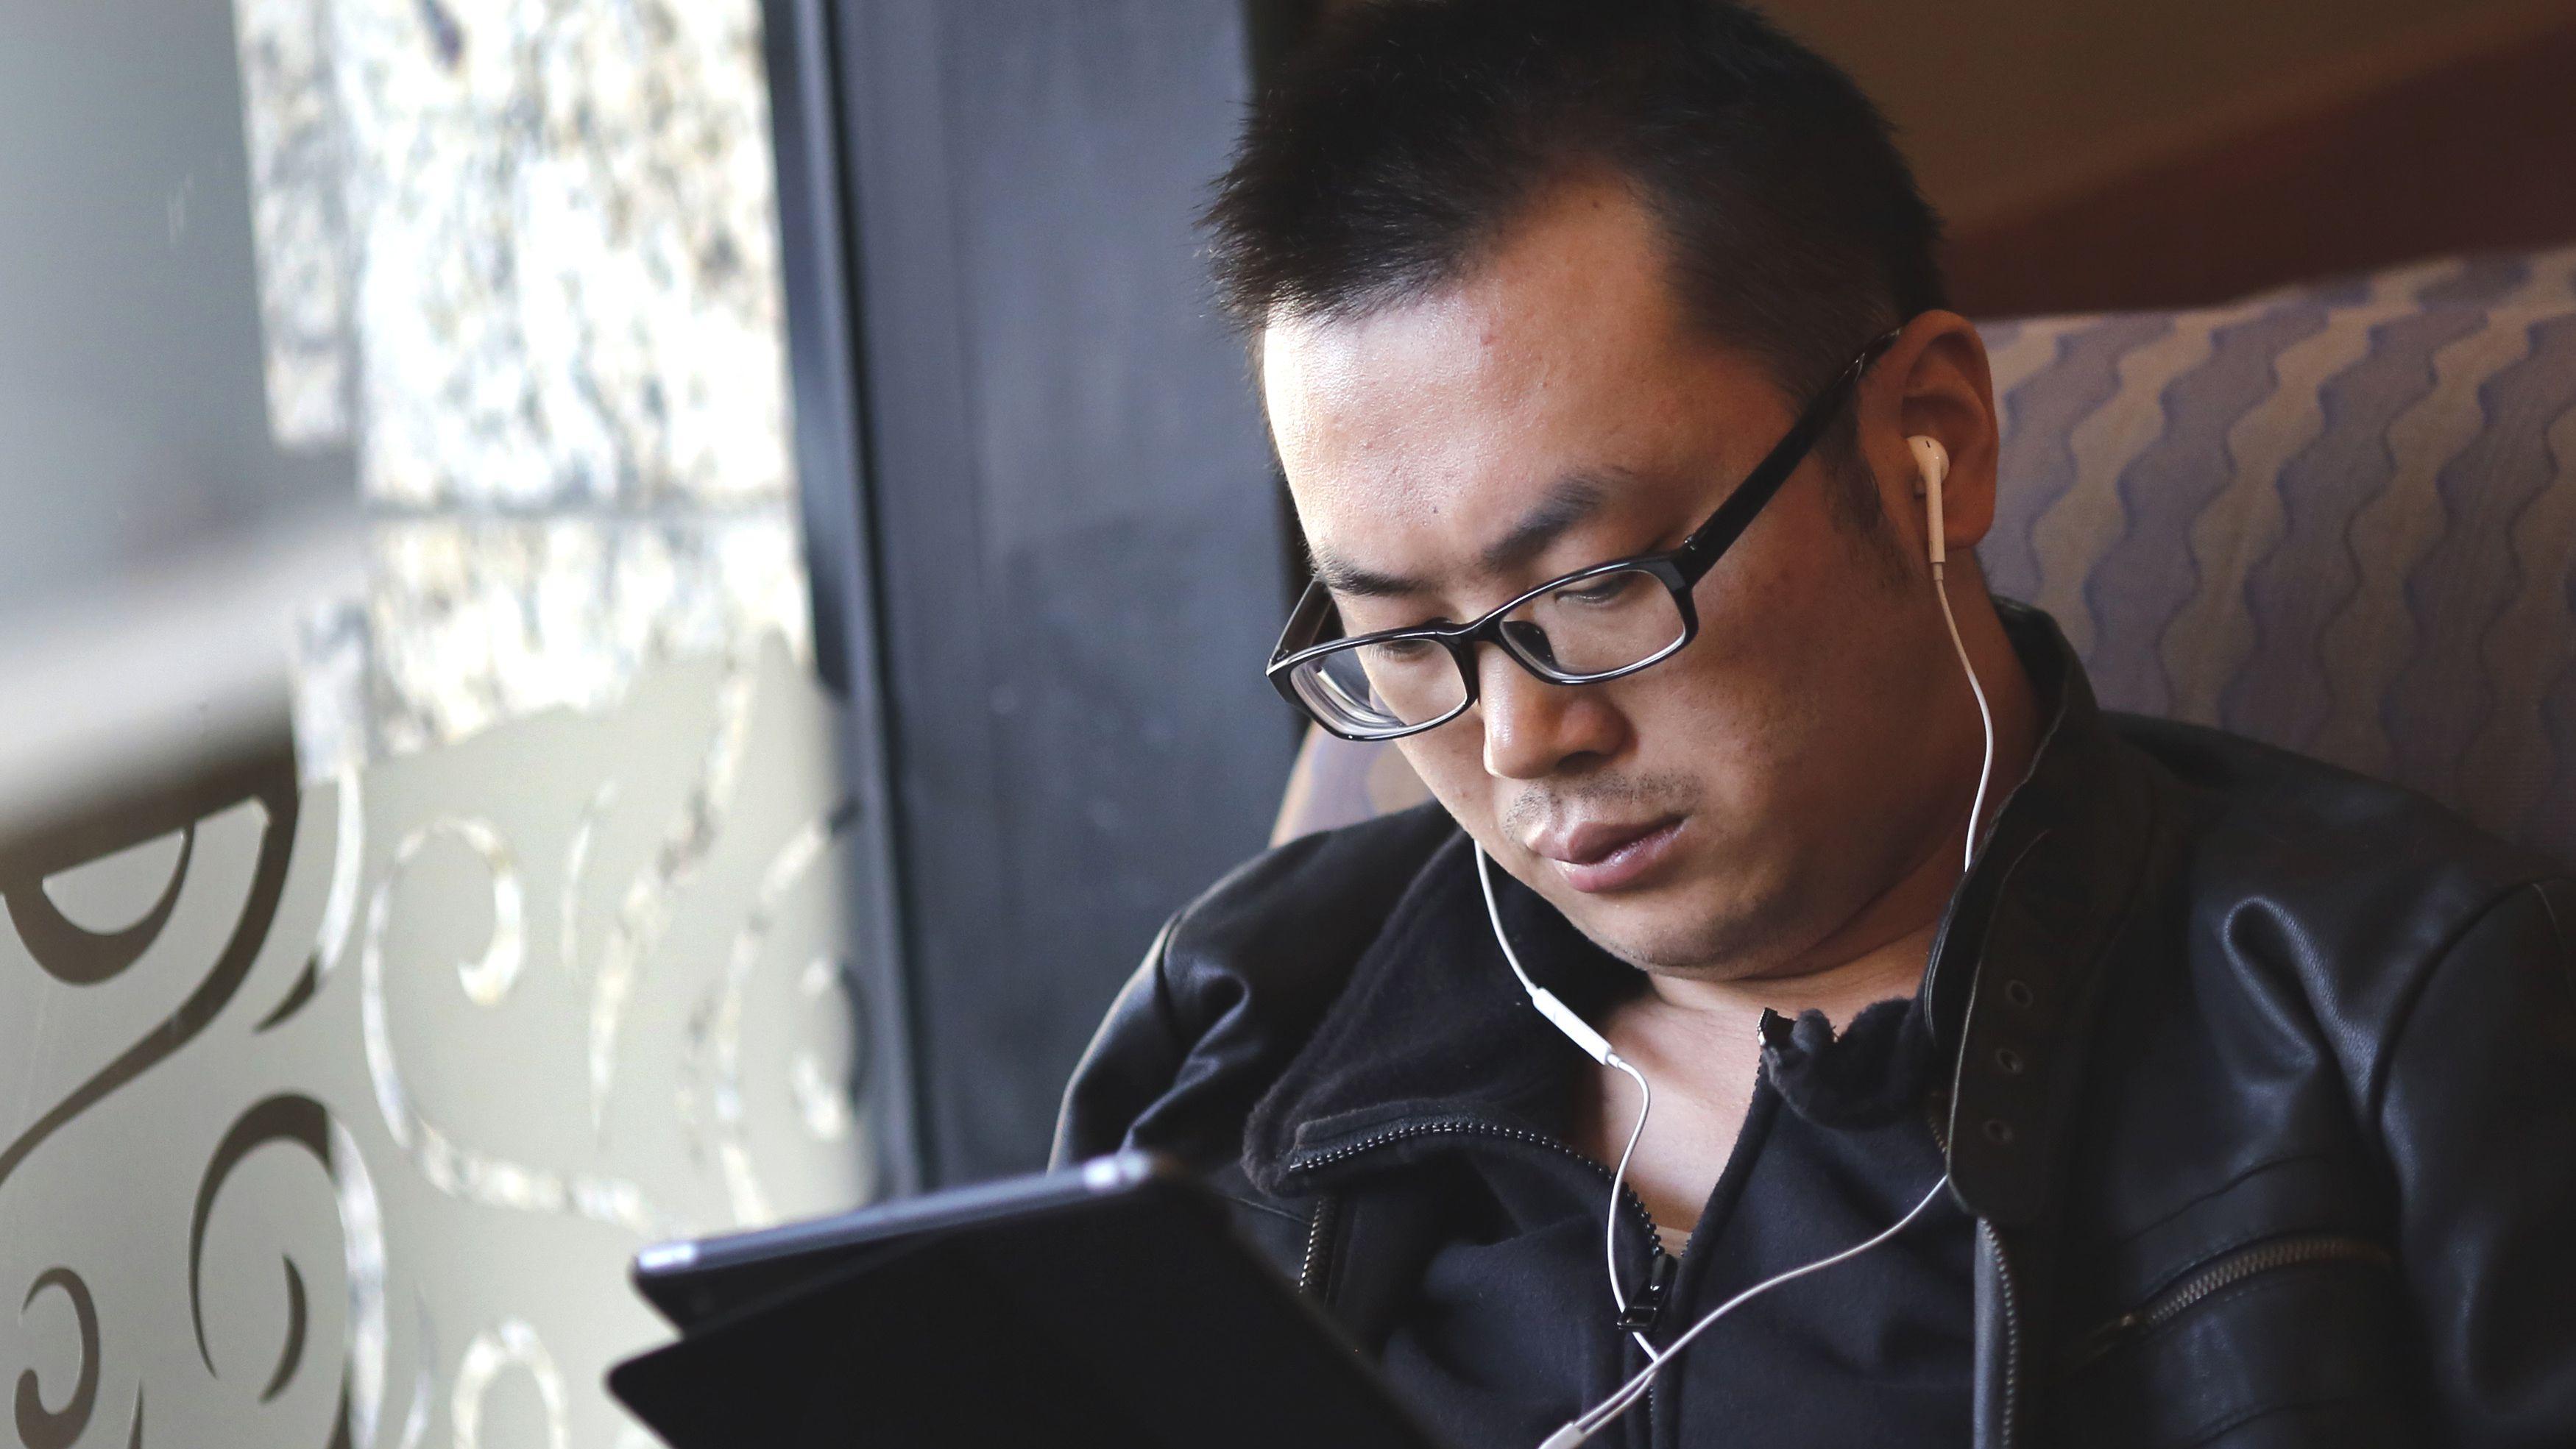 Man headphones working